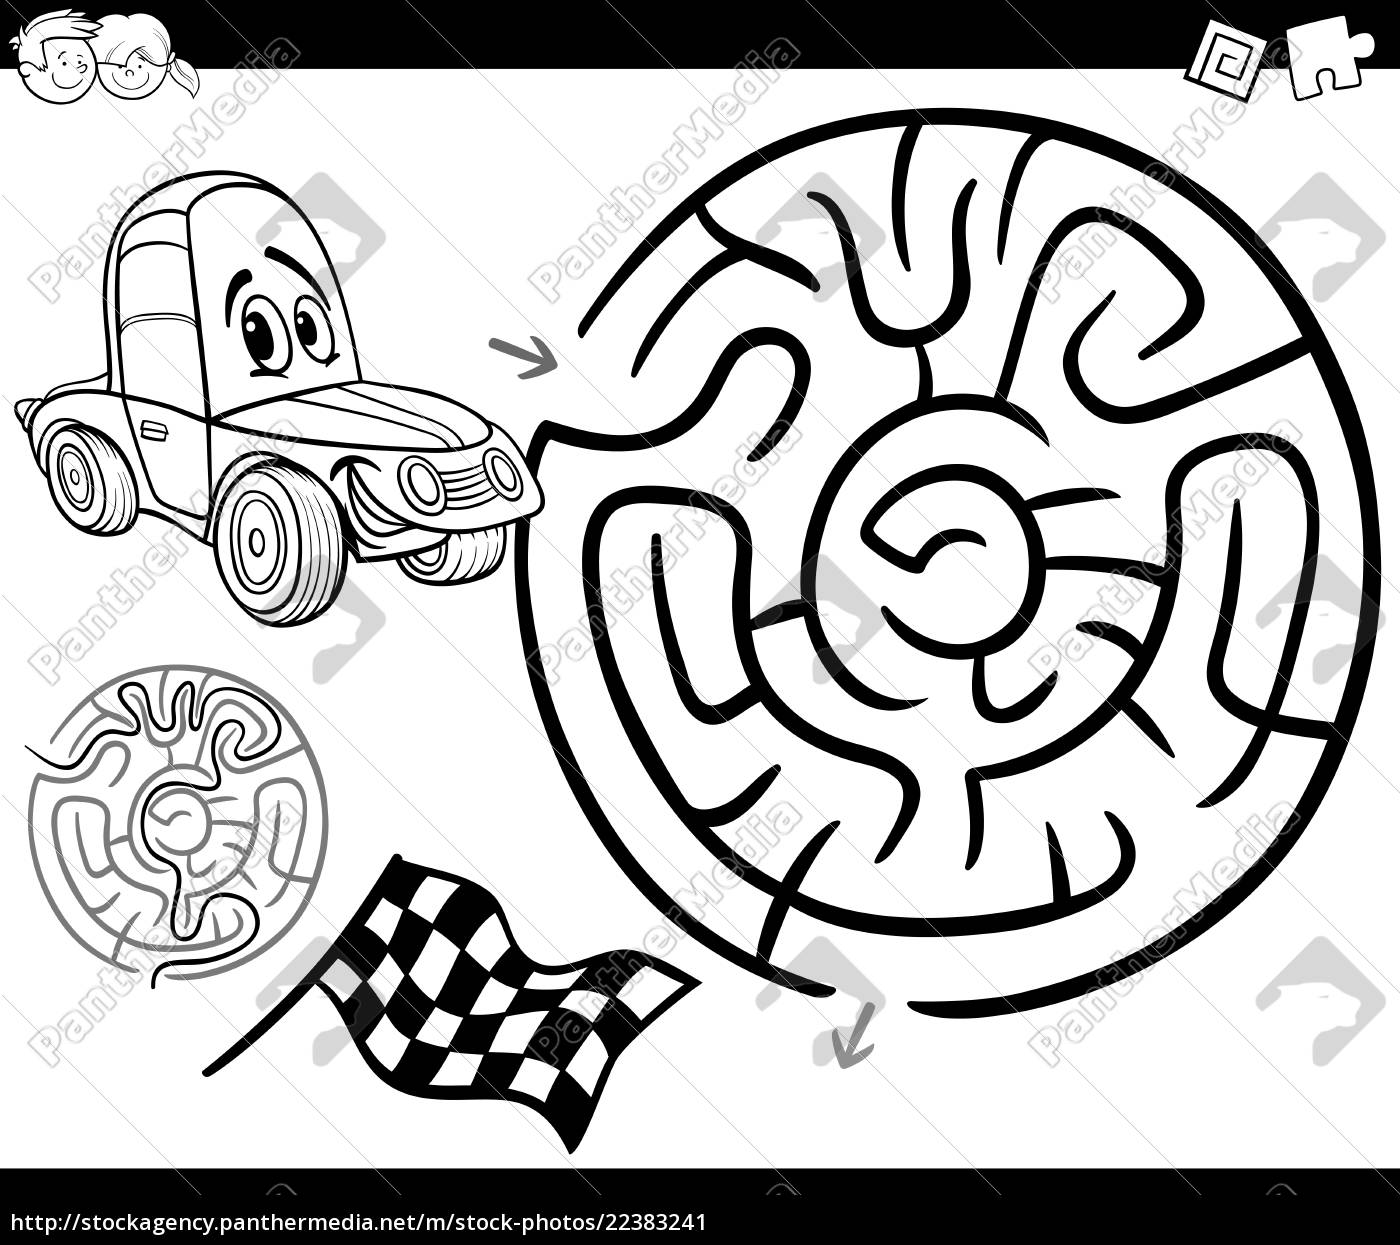 malvorlagen labyrinth bilder  kinder zeichnen und ausmalen